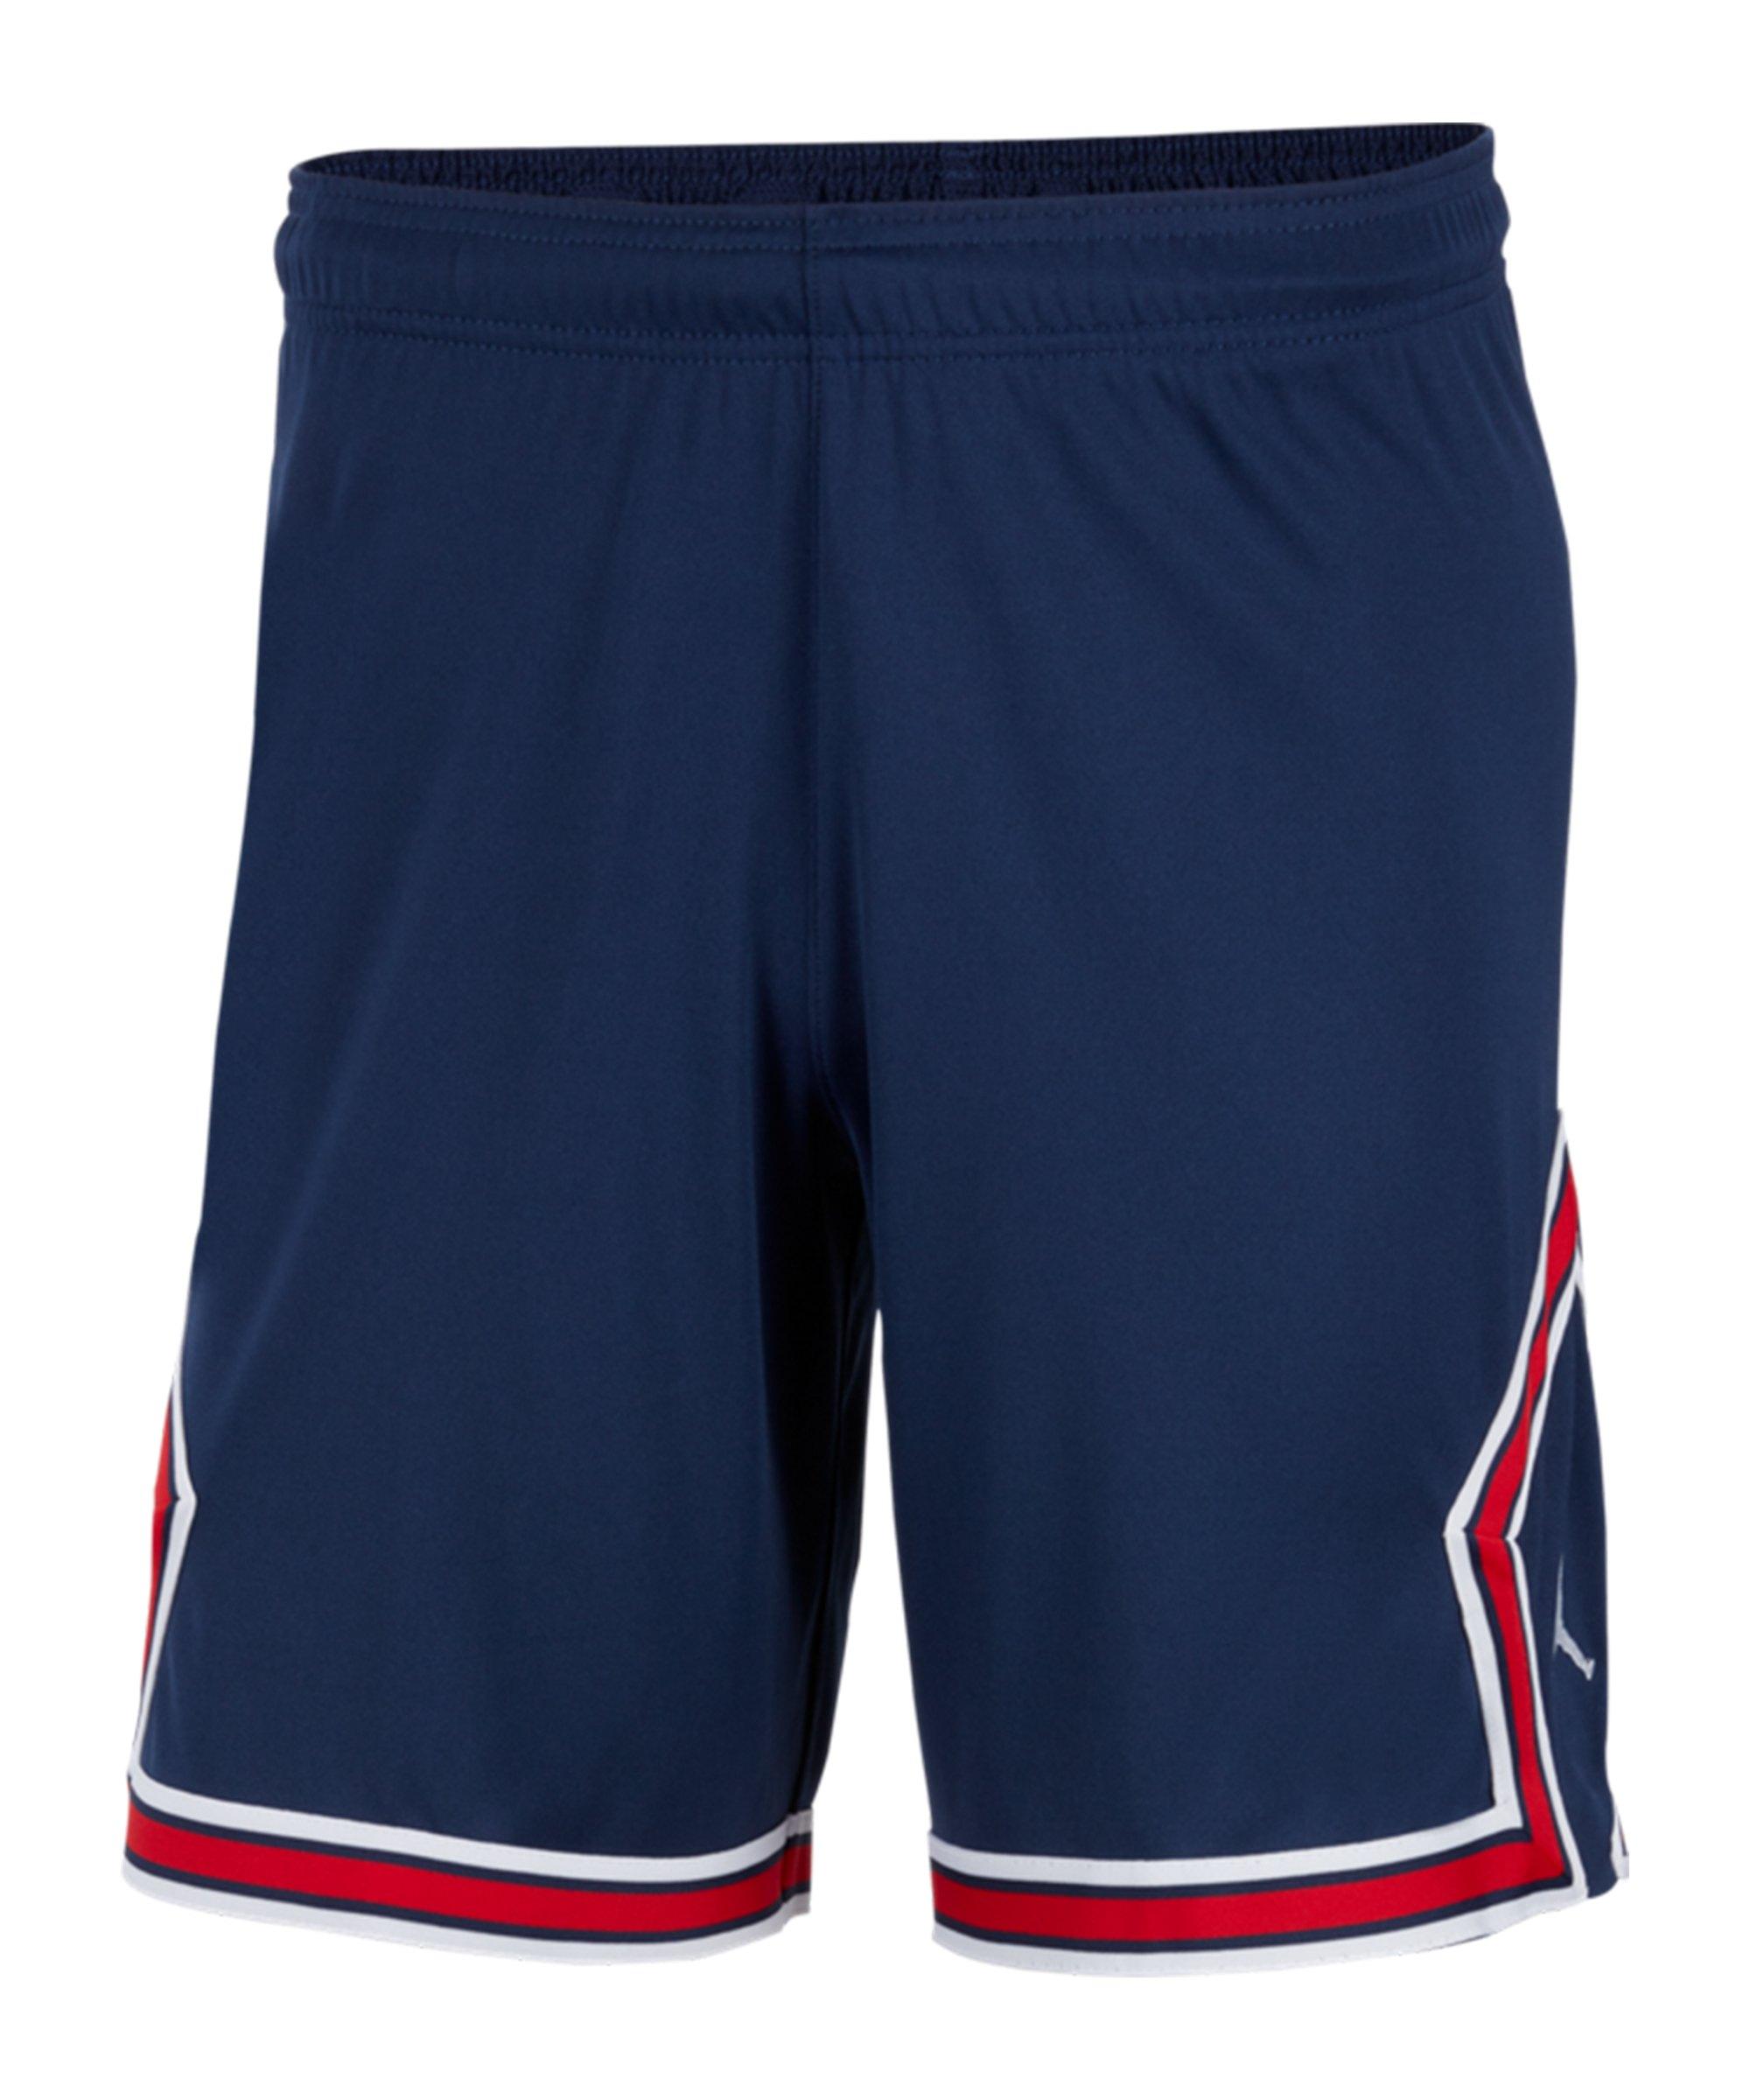 Nike Paris St. Germain Short Home 2021/2022 Kids Blau F410 - blau